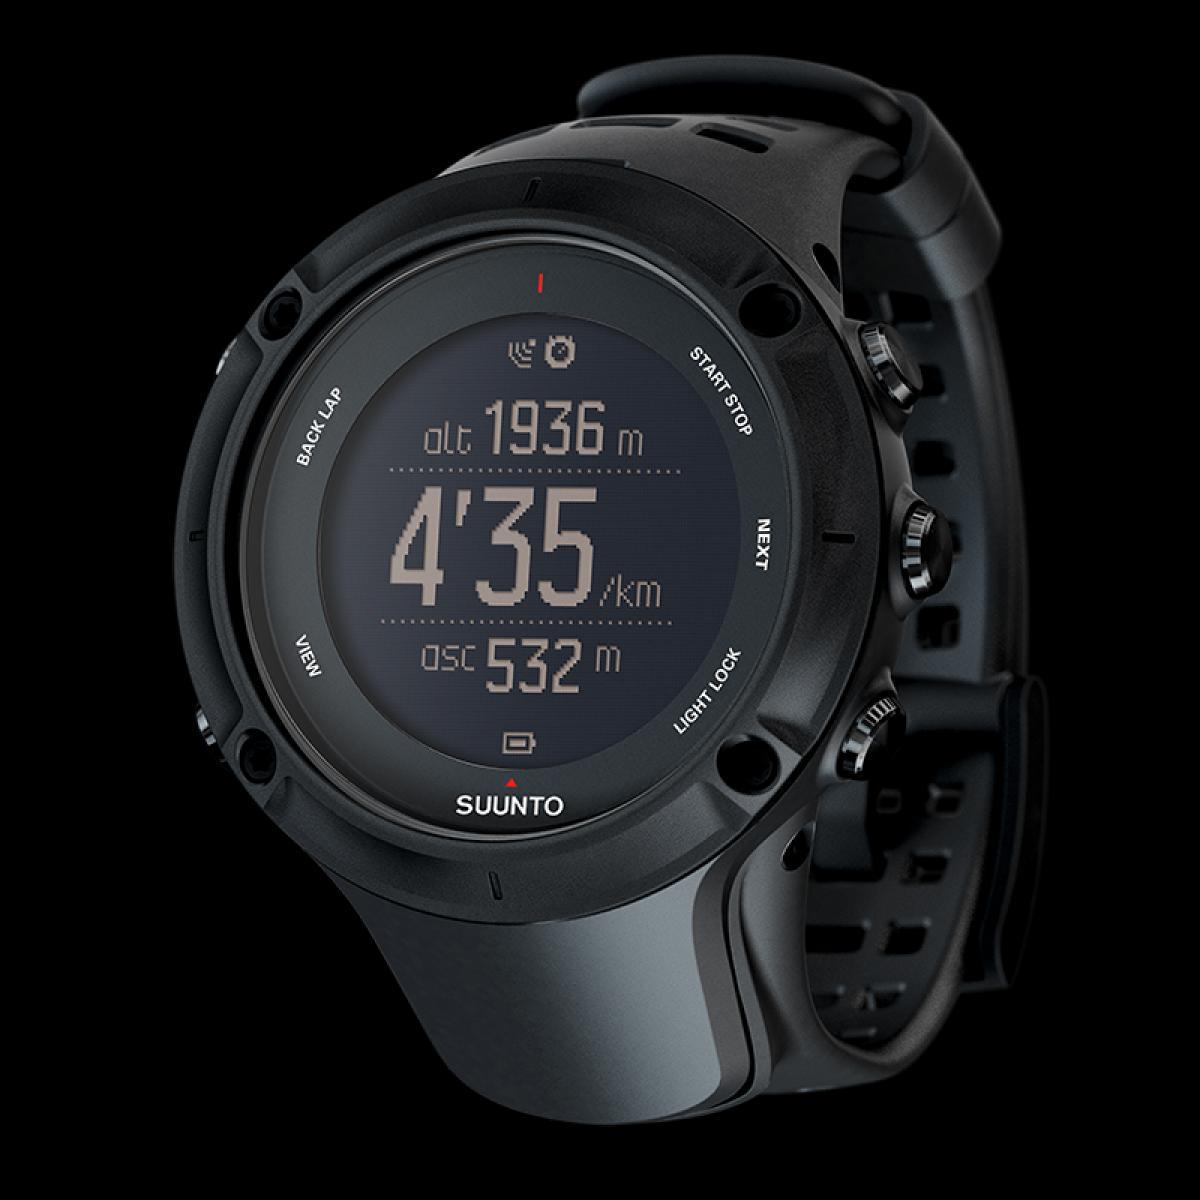 Совместимые с этой моделью часов датчики: загрузите и установите это приложение на компьютер и подключите часы.